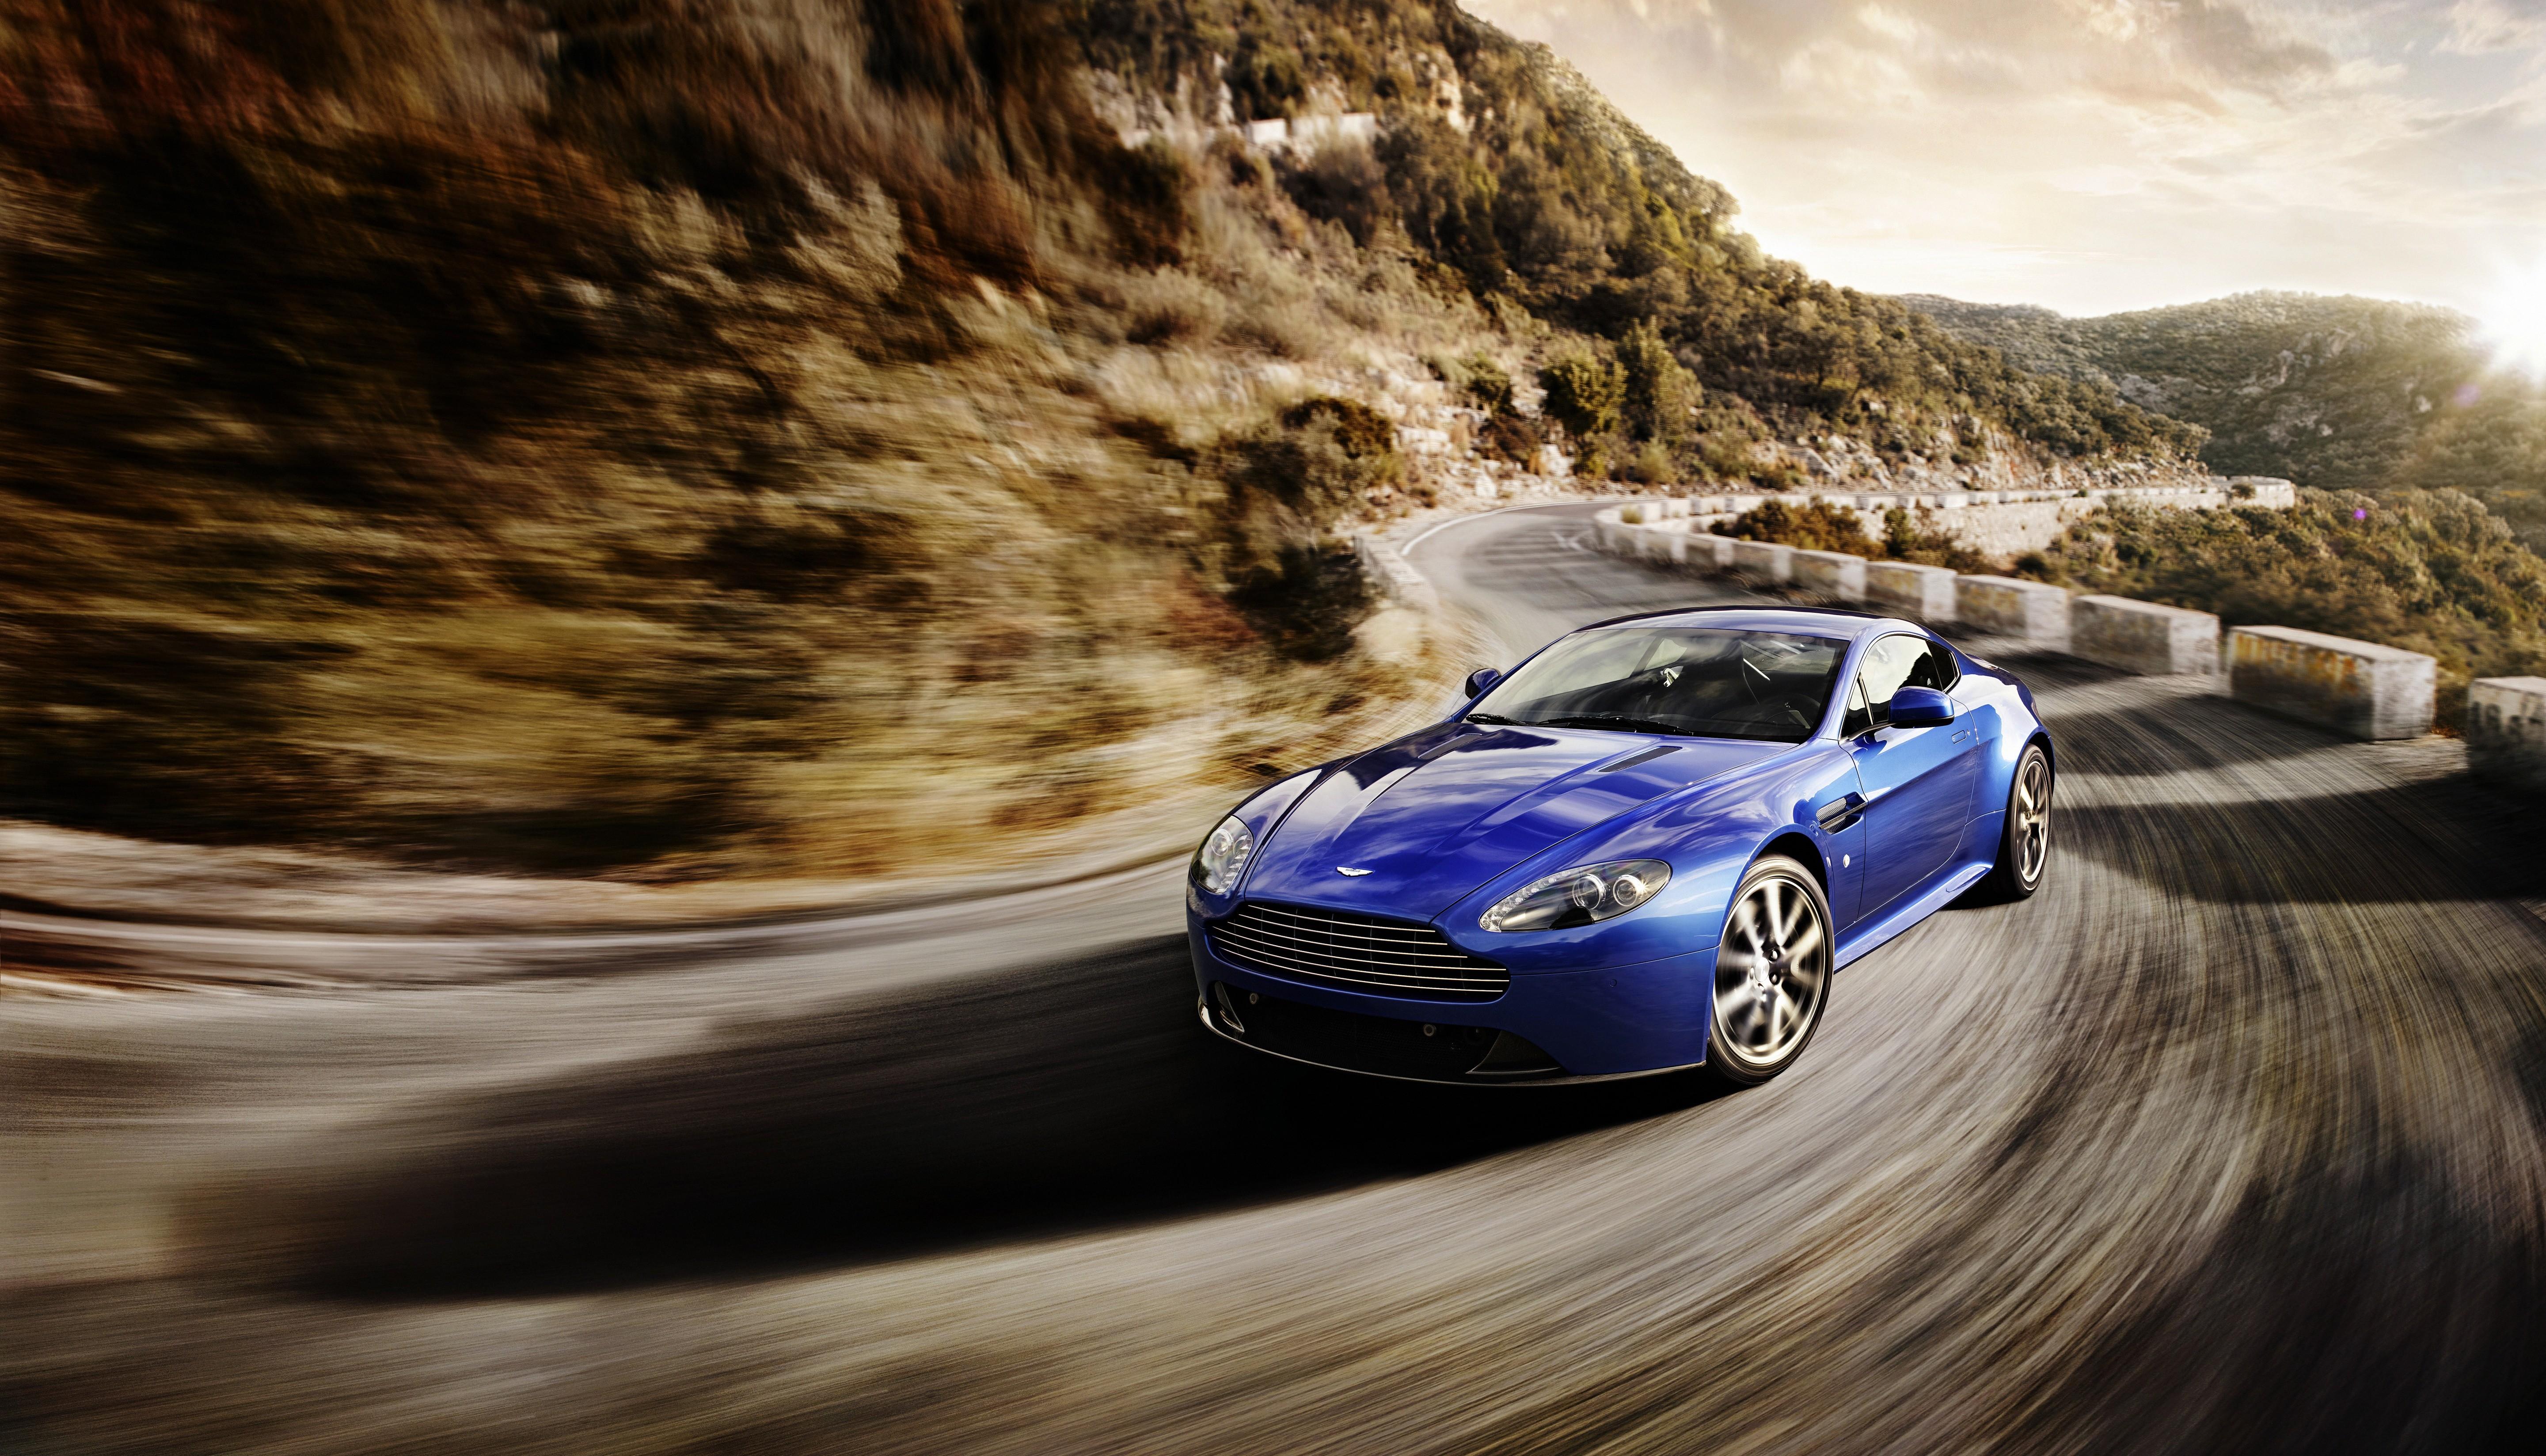 спортивный автомобиль синий  № 3301808 загрузить